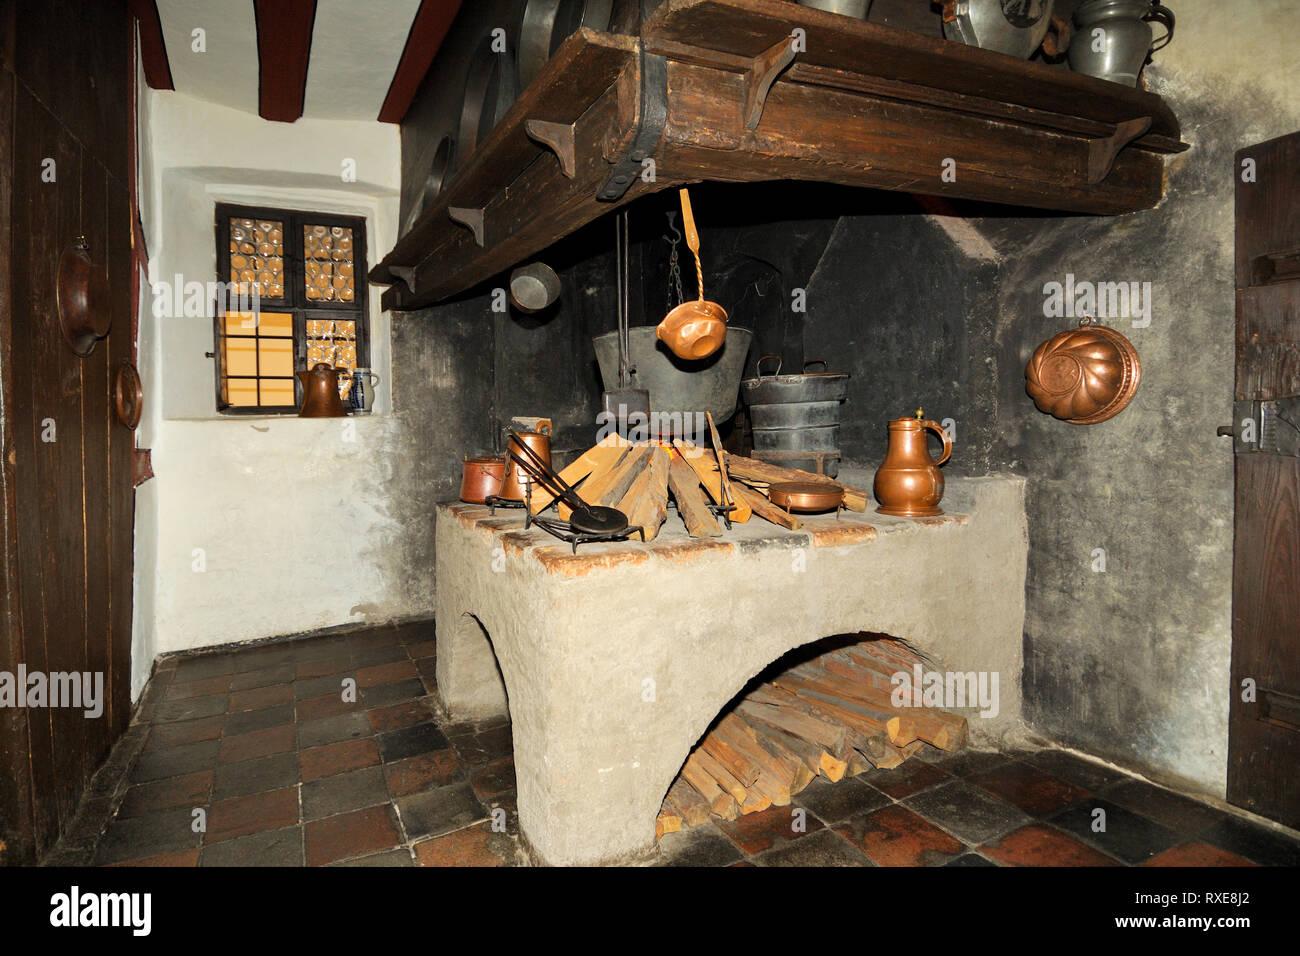 Deutschland, Bayern, Franken, Nürnberg, Albrecht Dürer Haus, Alte Küche